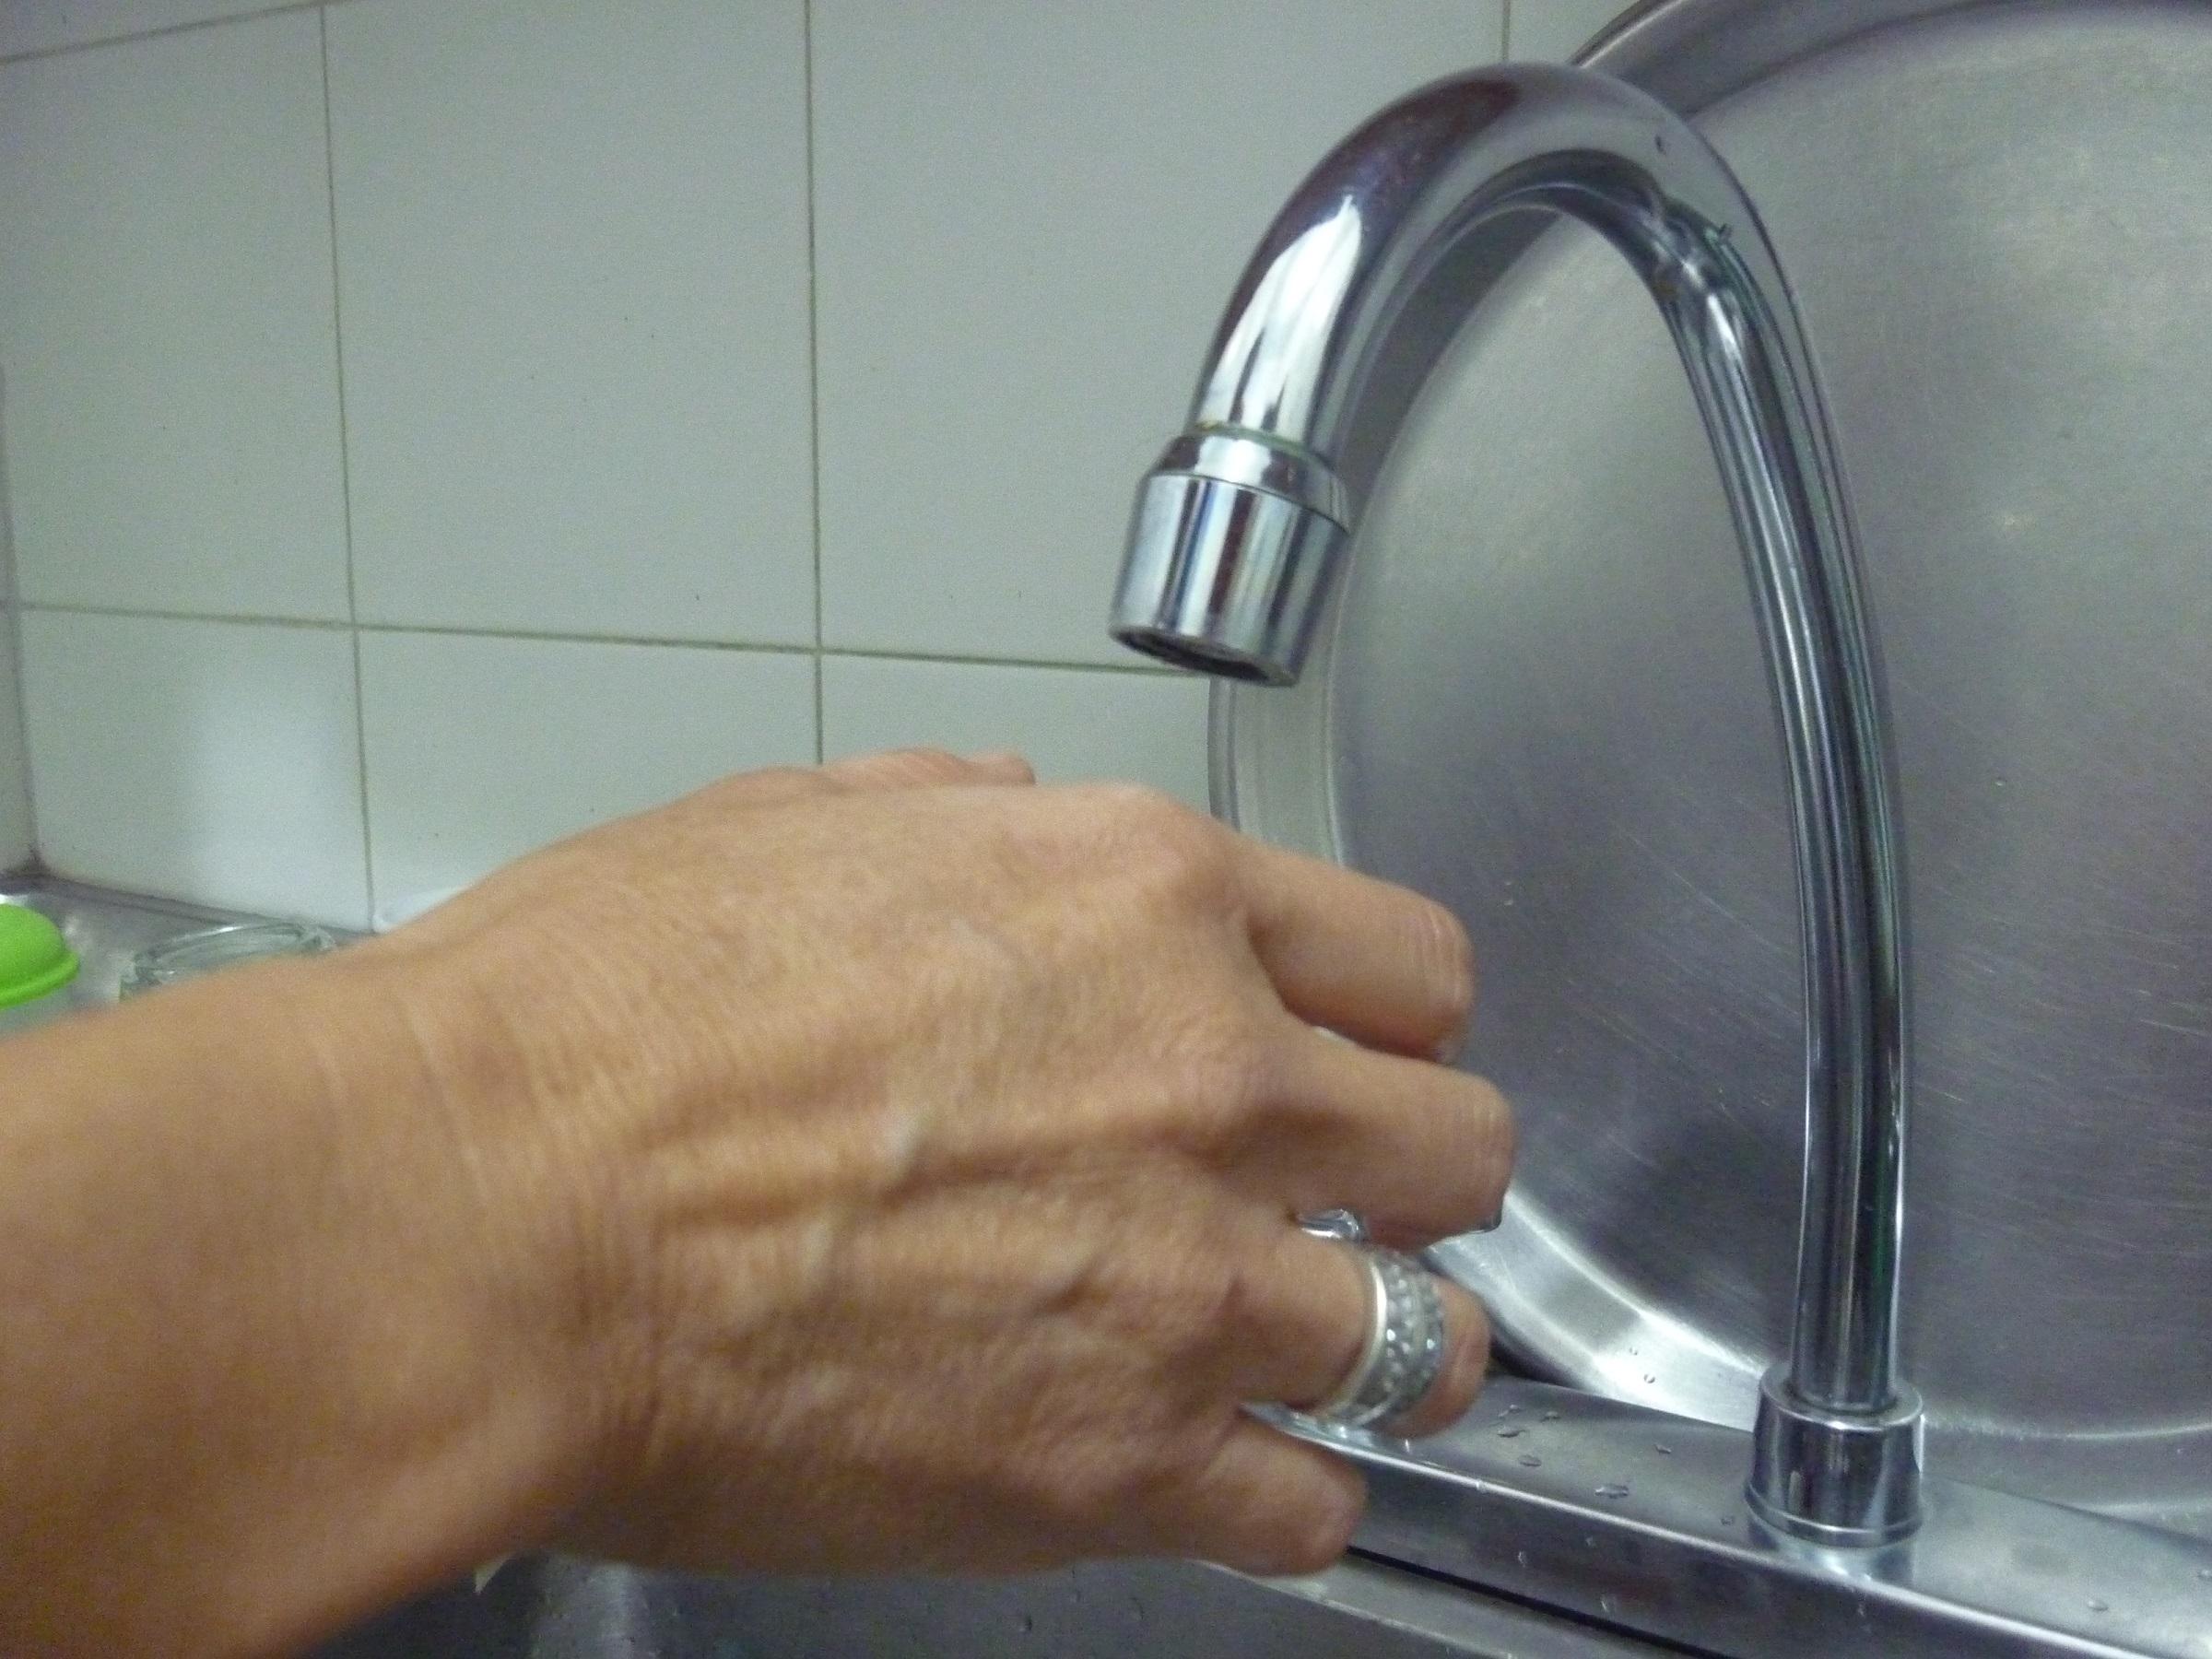 Noticias Bogotá: Cortes de agua en Soacha el lunes 28 de octubre - Alerta Bogotá